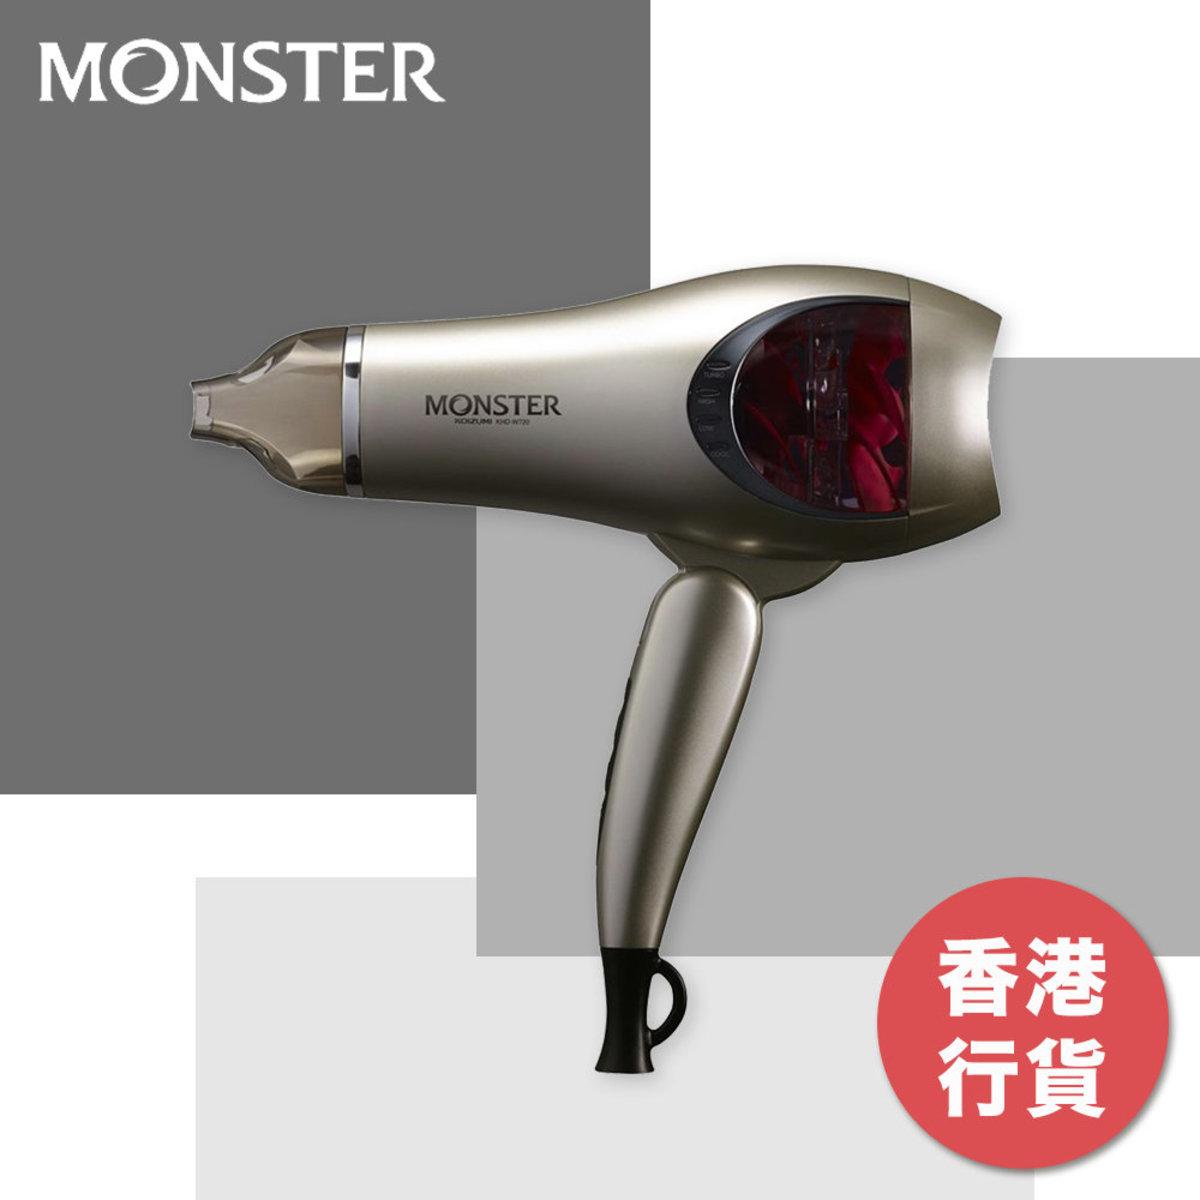 Monster Double Fan Hair Dryer - KHD-W720/HN (Gold)